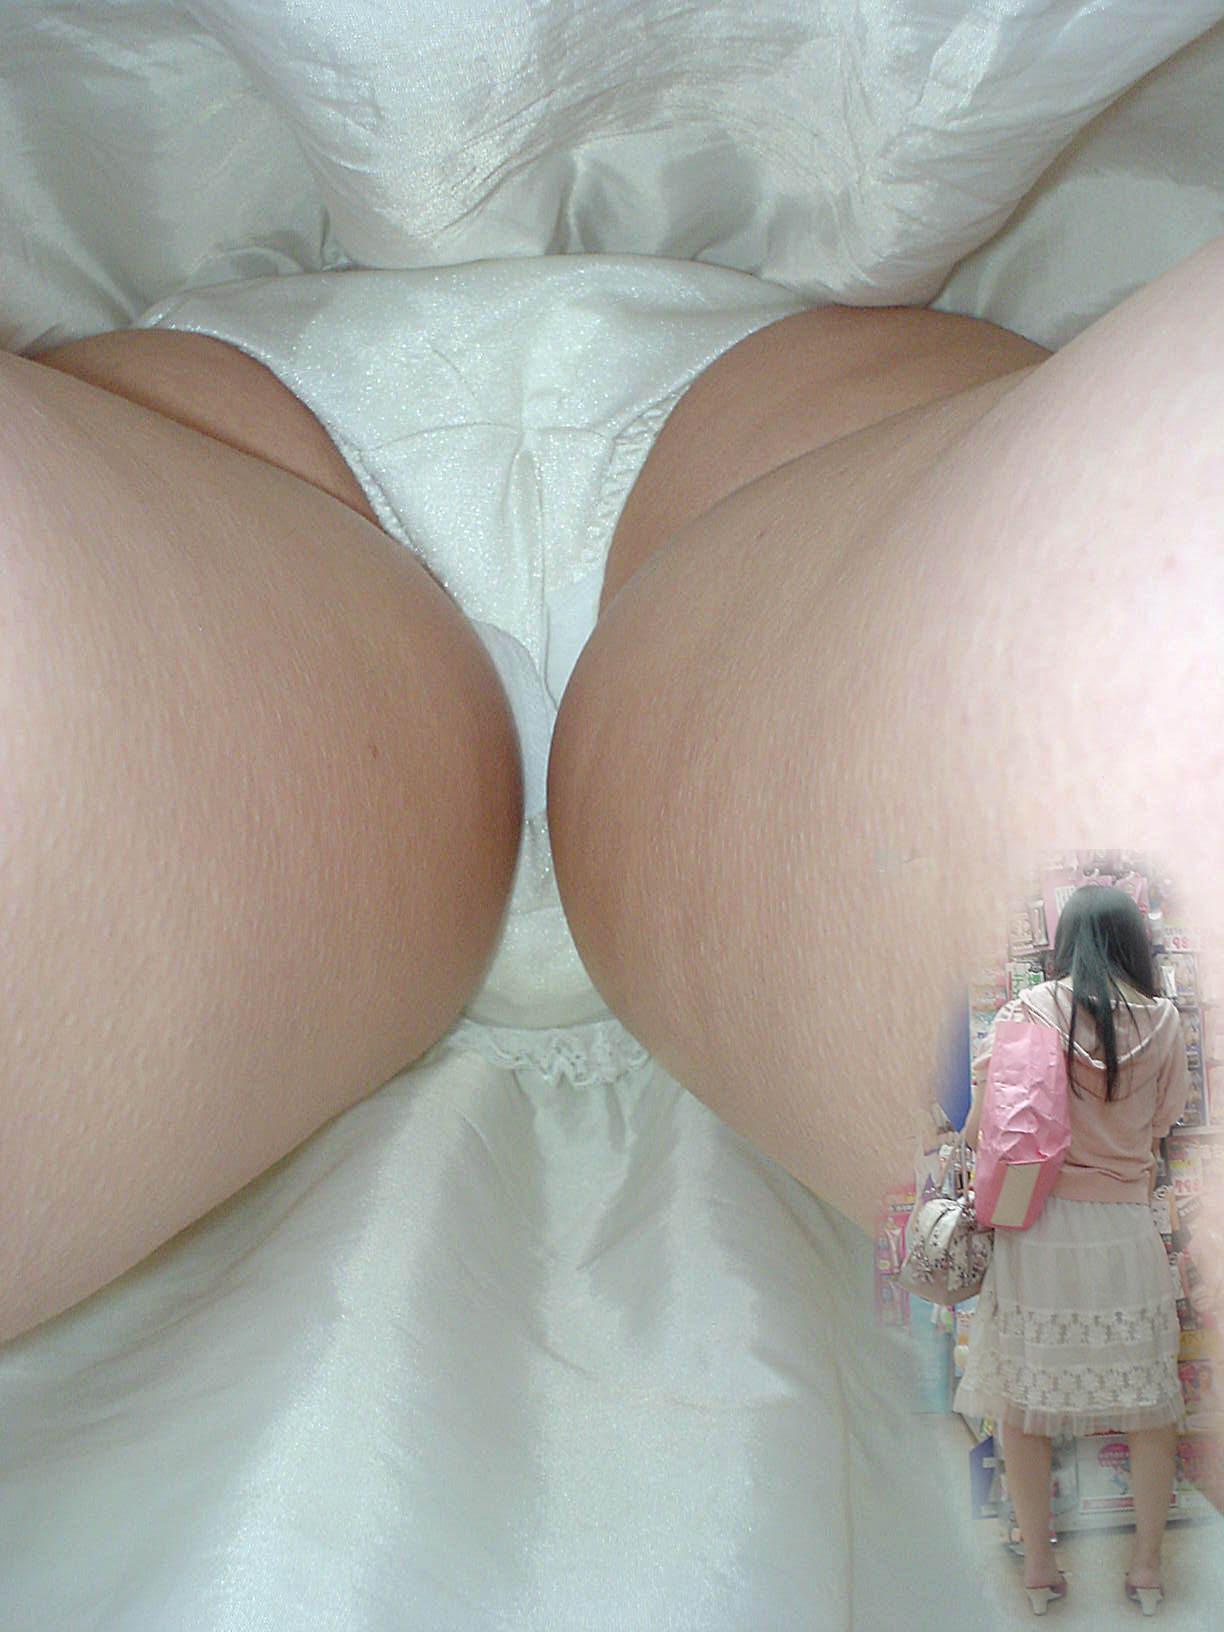 素人のスカートの中身を逆さ撮りしたら生理中の女子だった時パンチラ画像 518